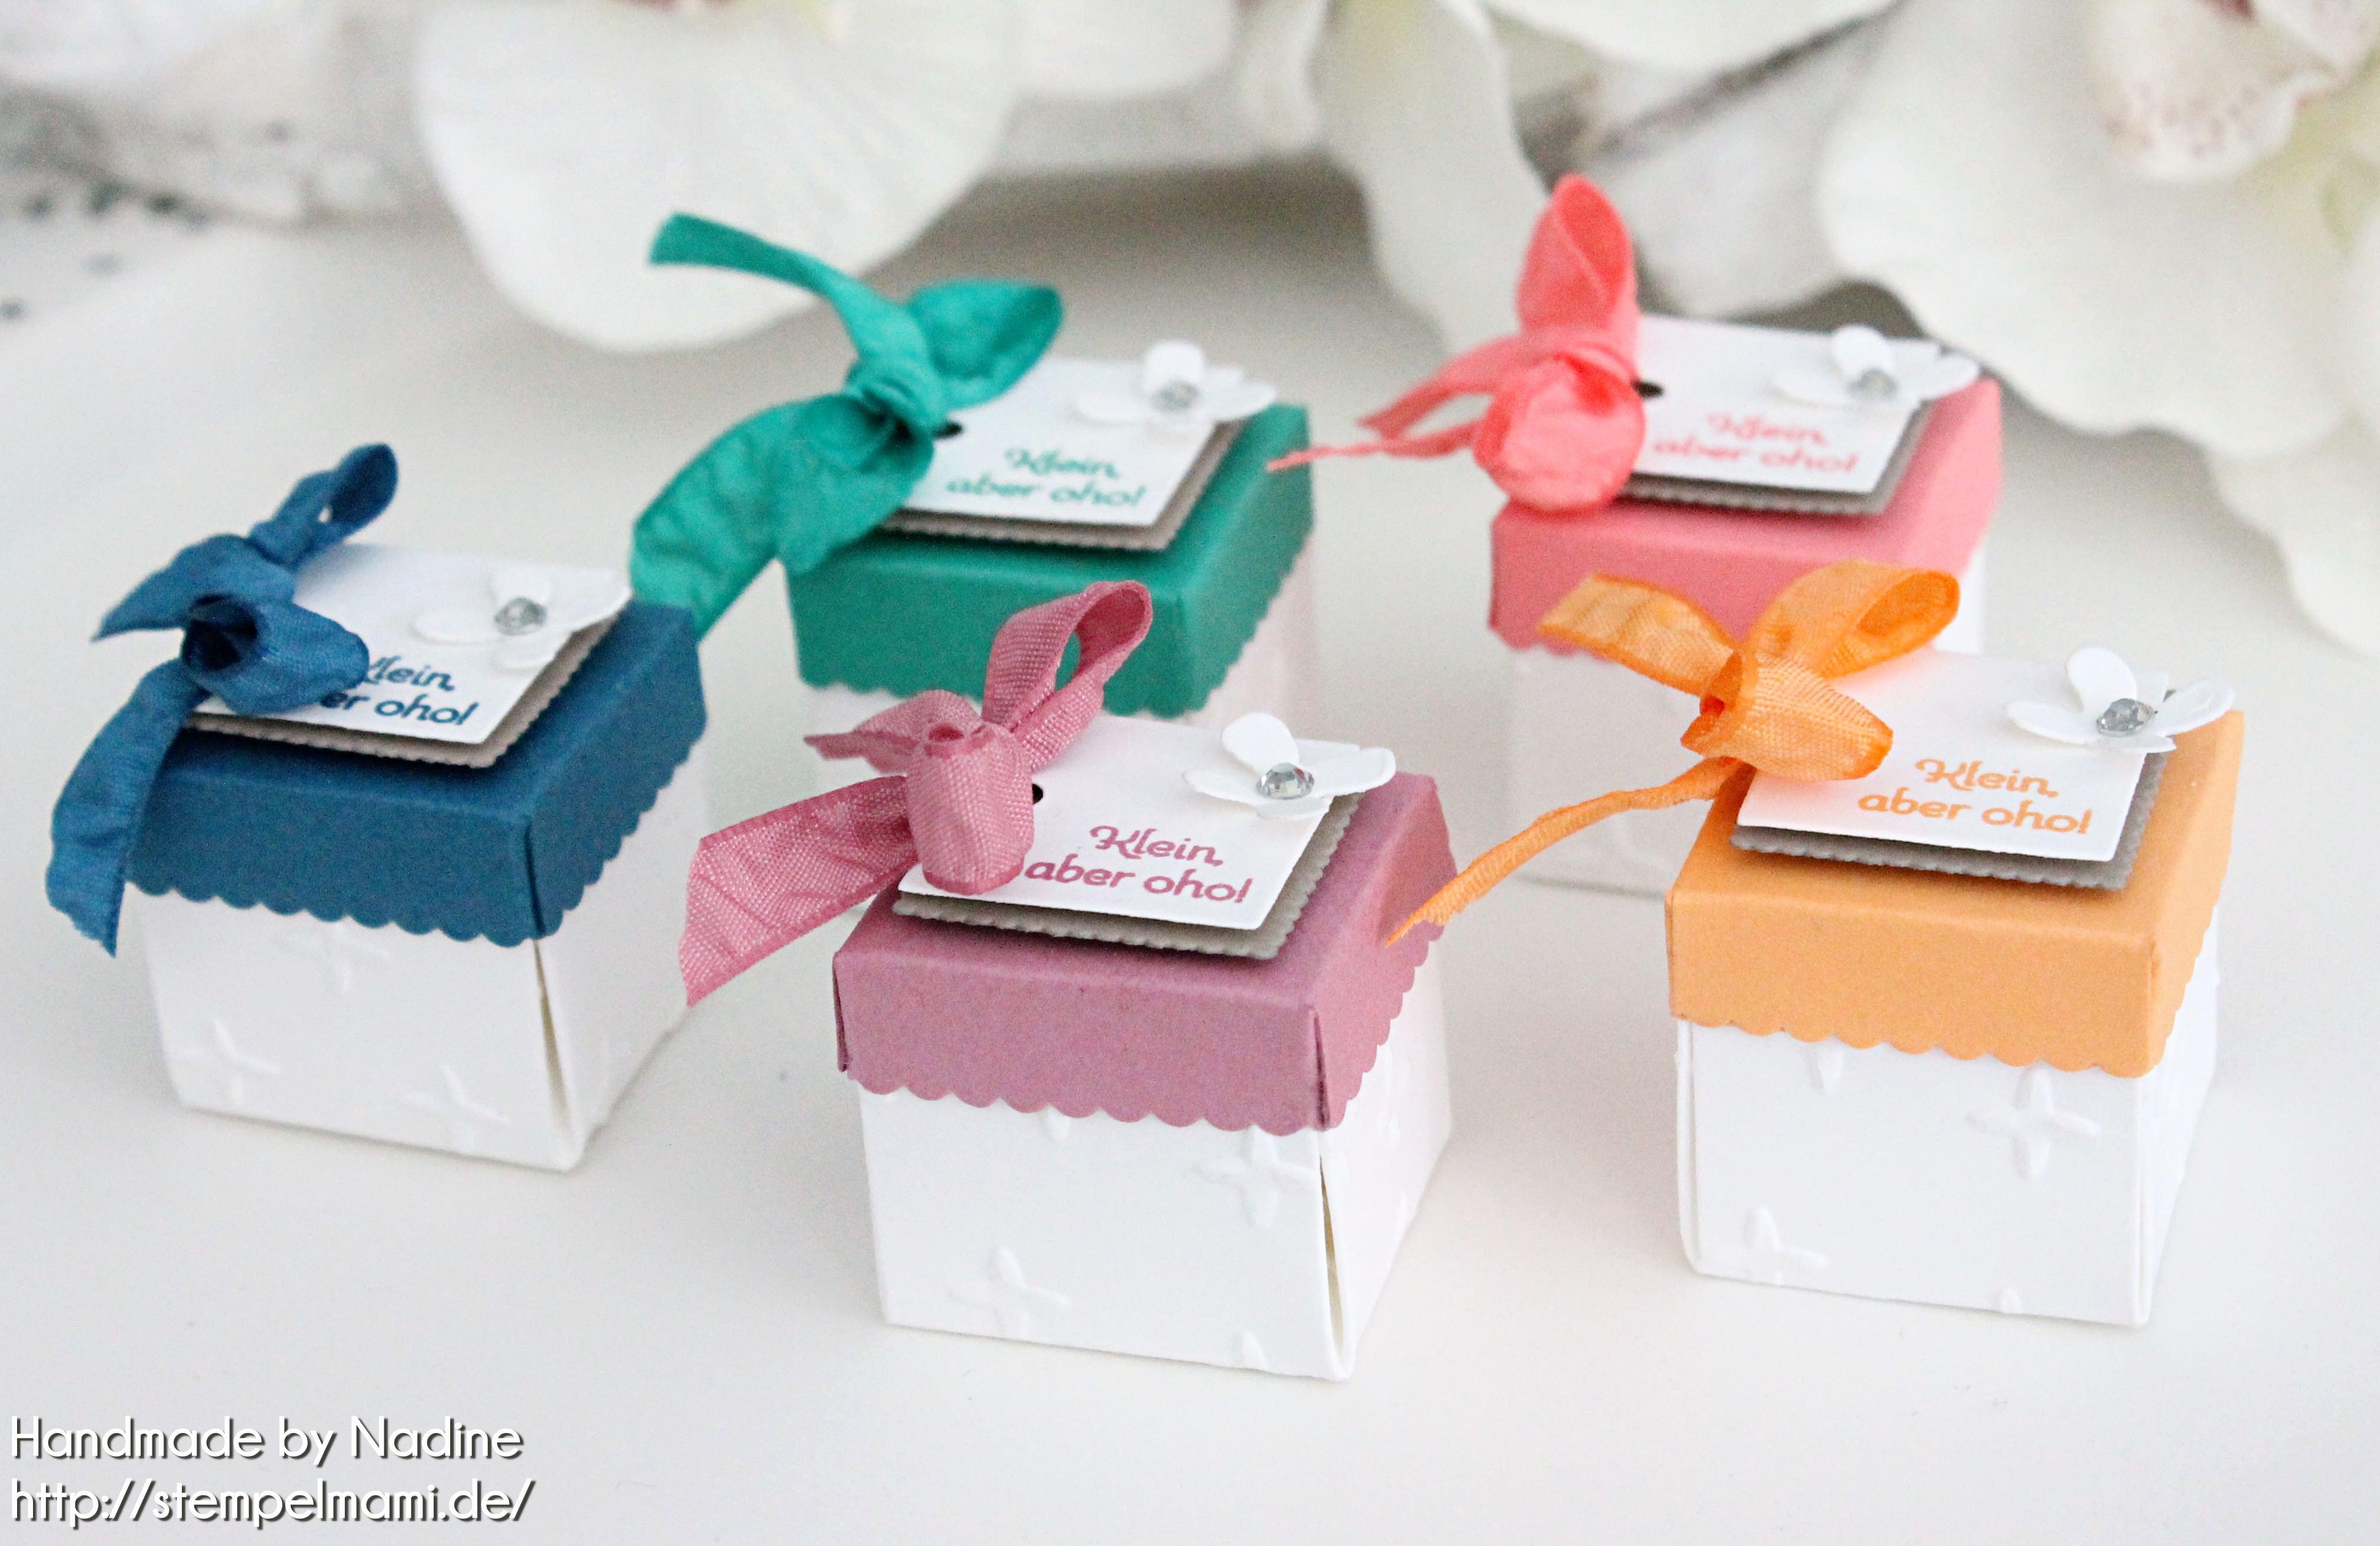 Mini Box als Gastgeschenk, Klein aber Oho